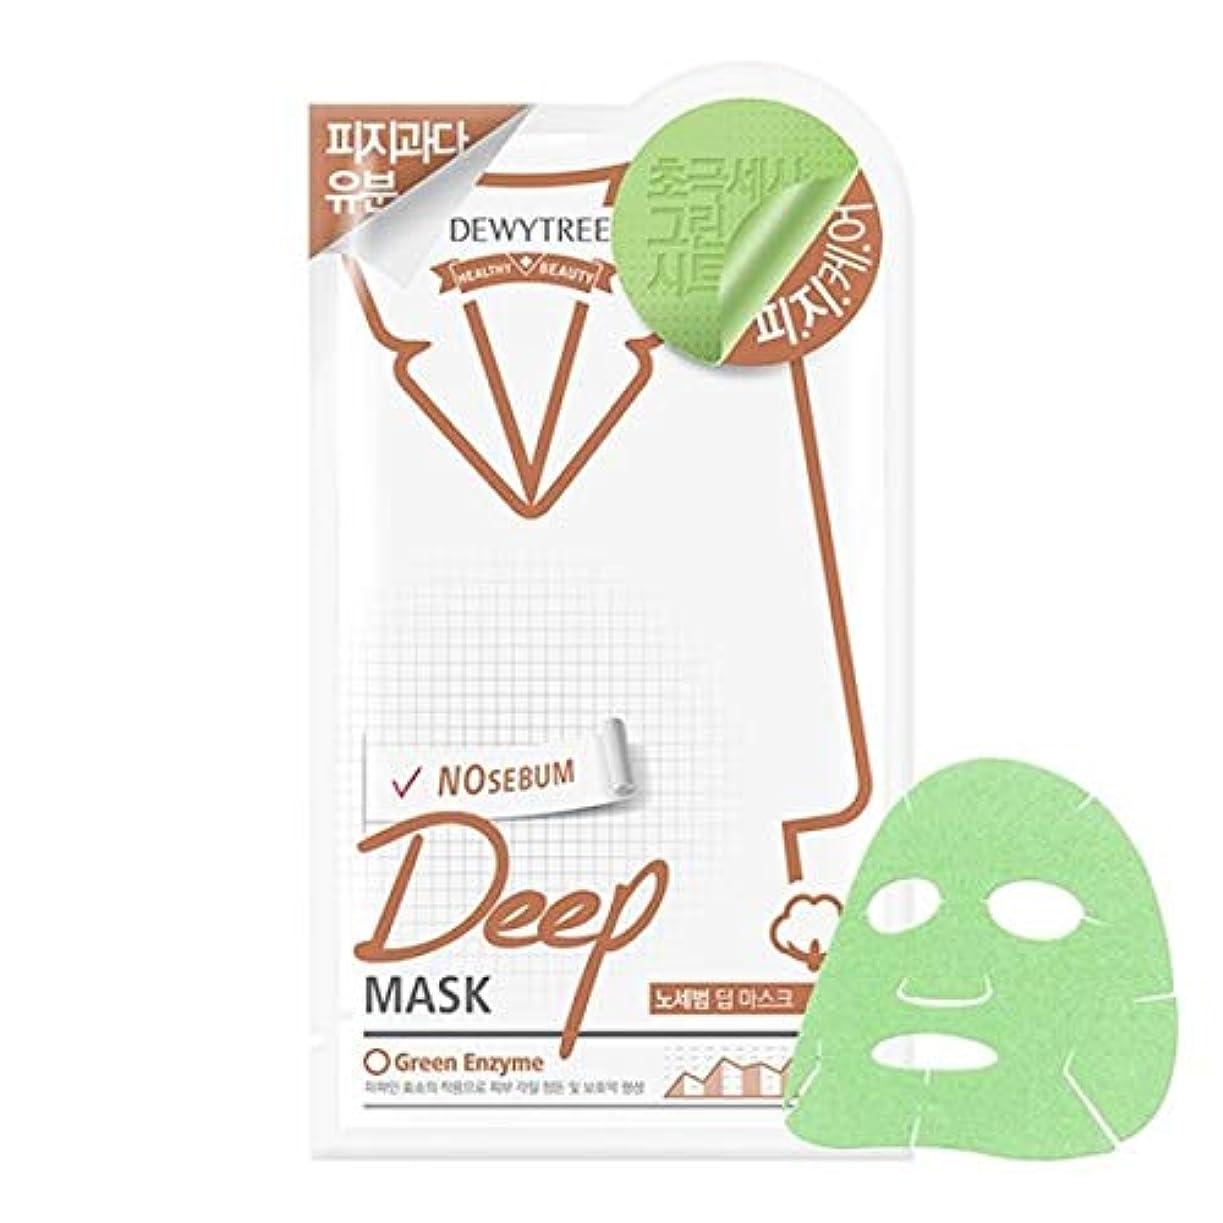 ダーリン国求人(デューイトゥリー) DEWYTREE ノセボムディープマスク 20枚 Nosebum Deep Mask 韓国マスクパック (並行輸入品)